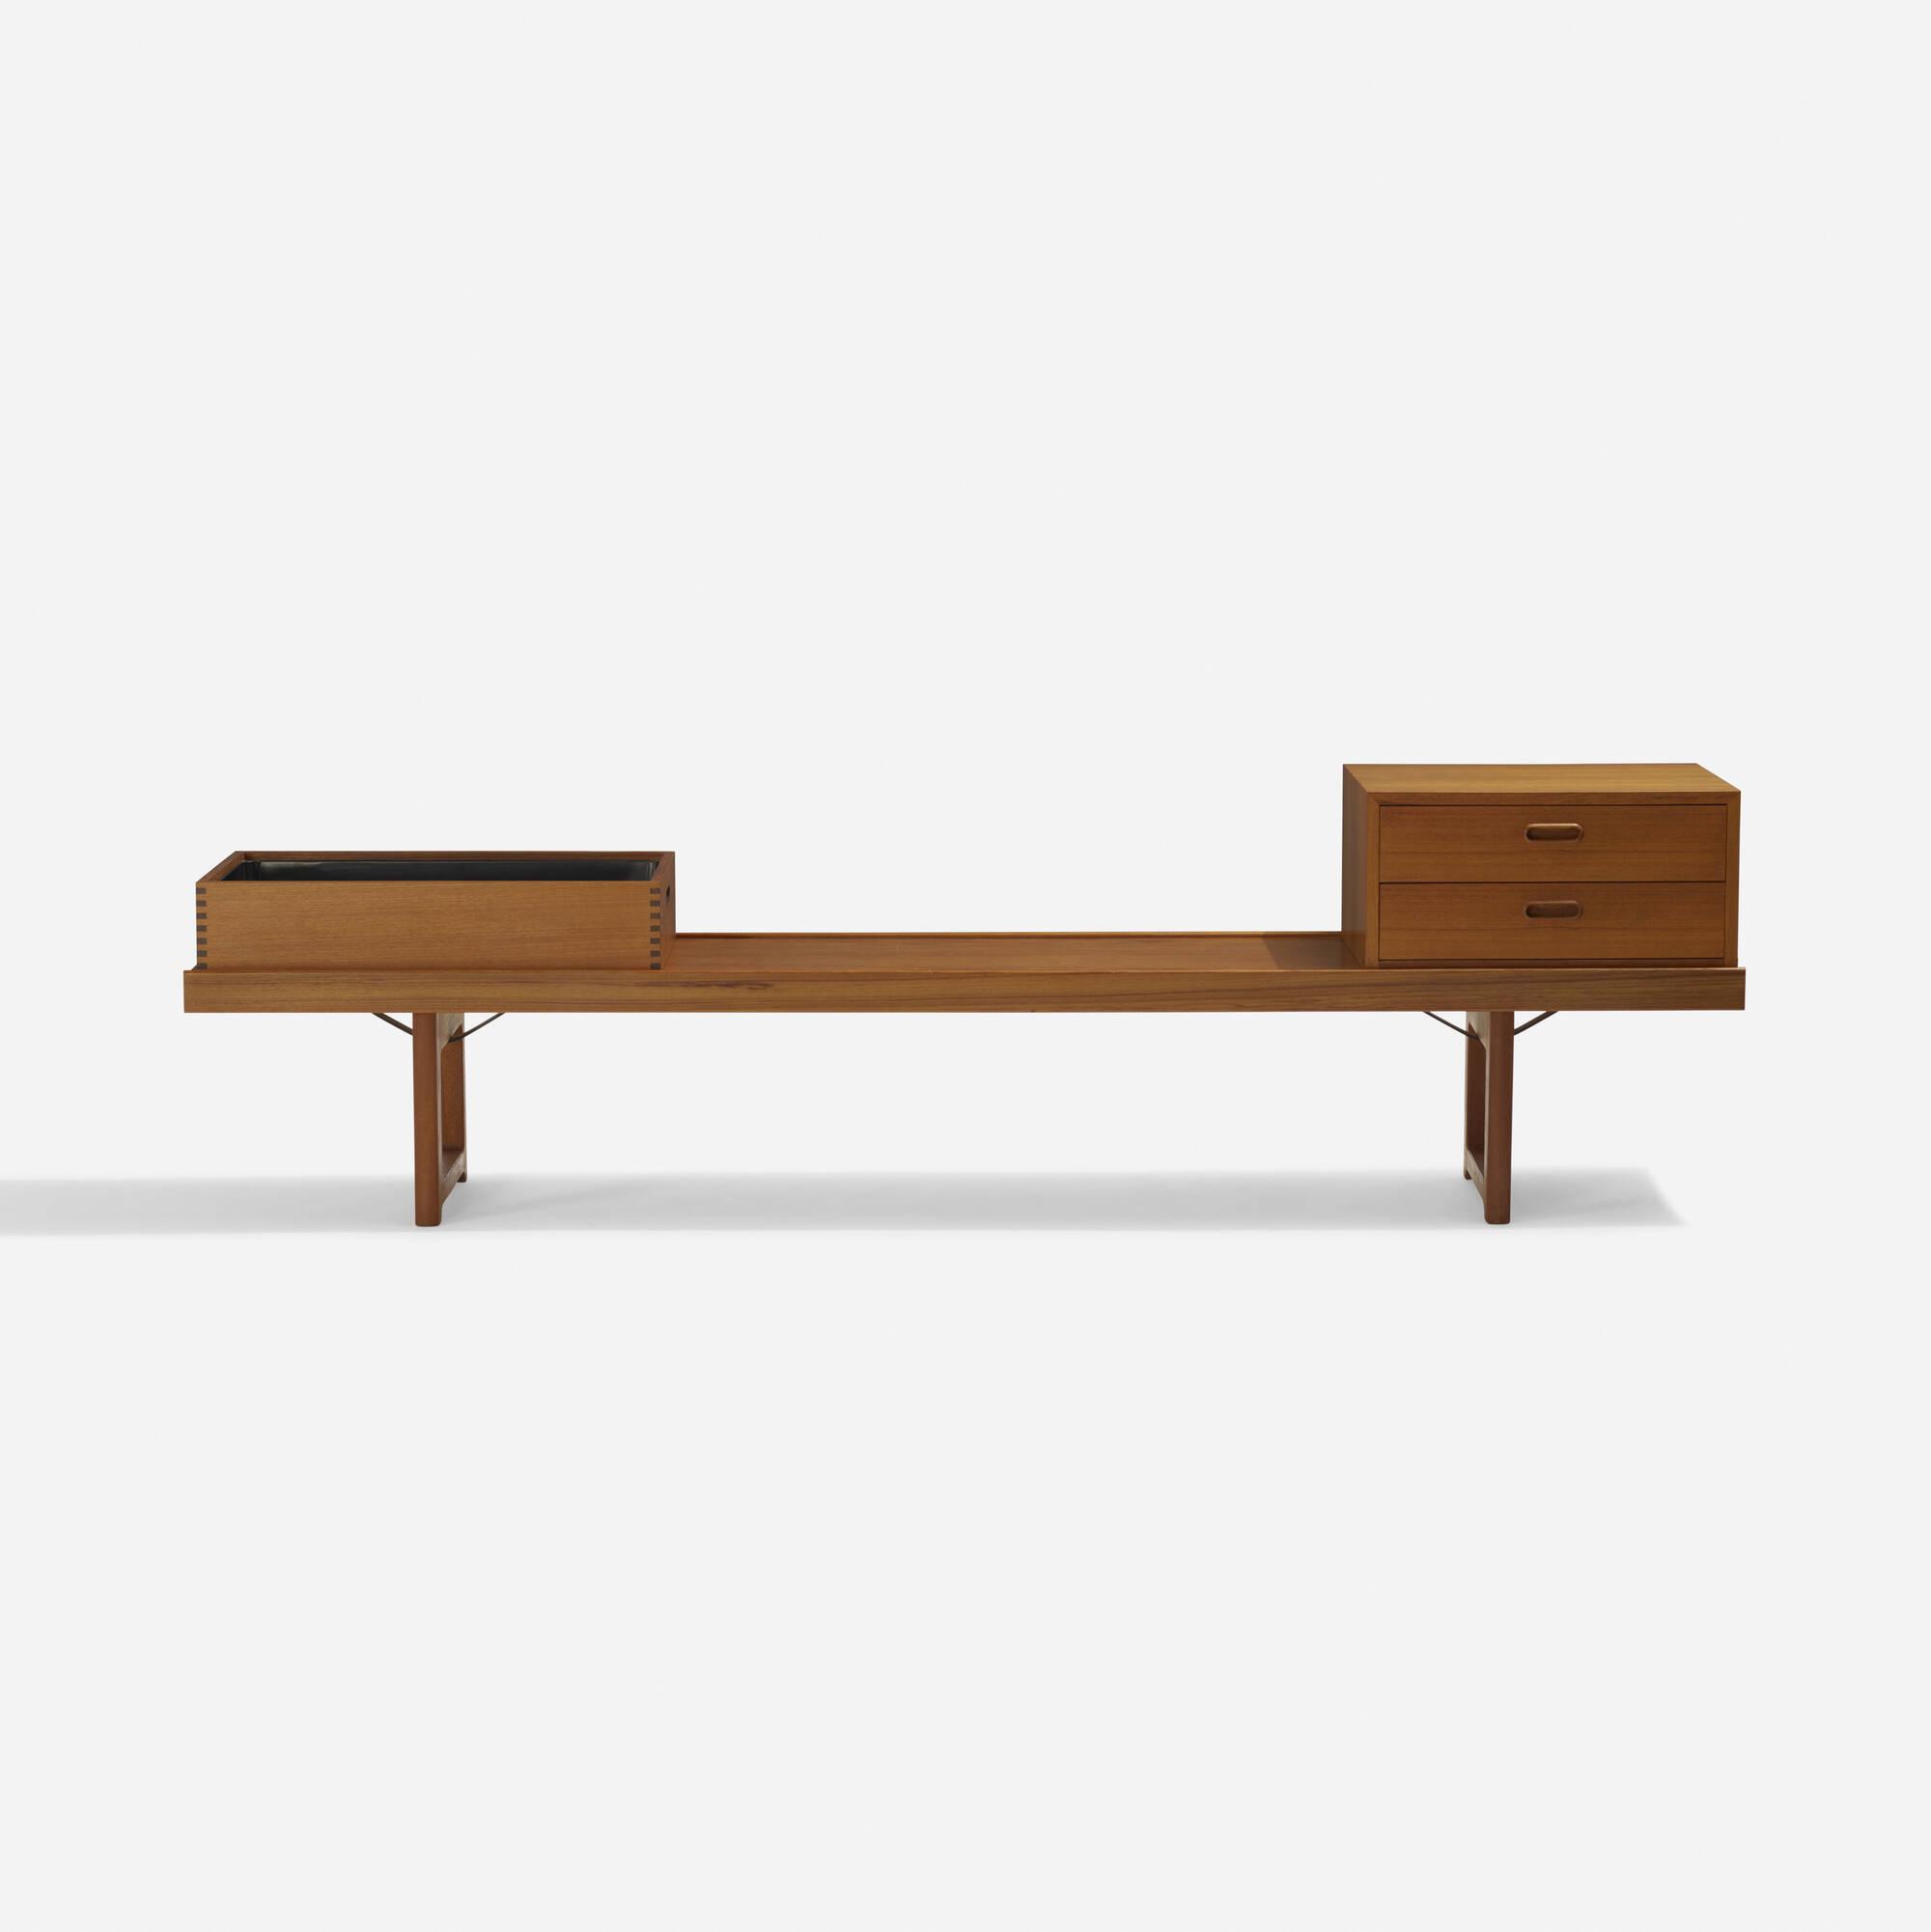 204: Torbjørn Afdal / Krobo bench and accessories (2 of 3)